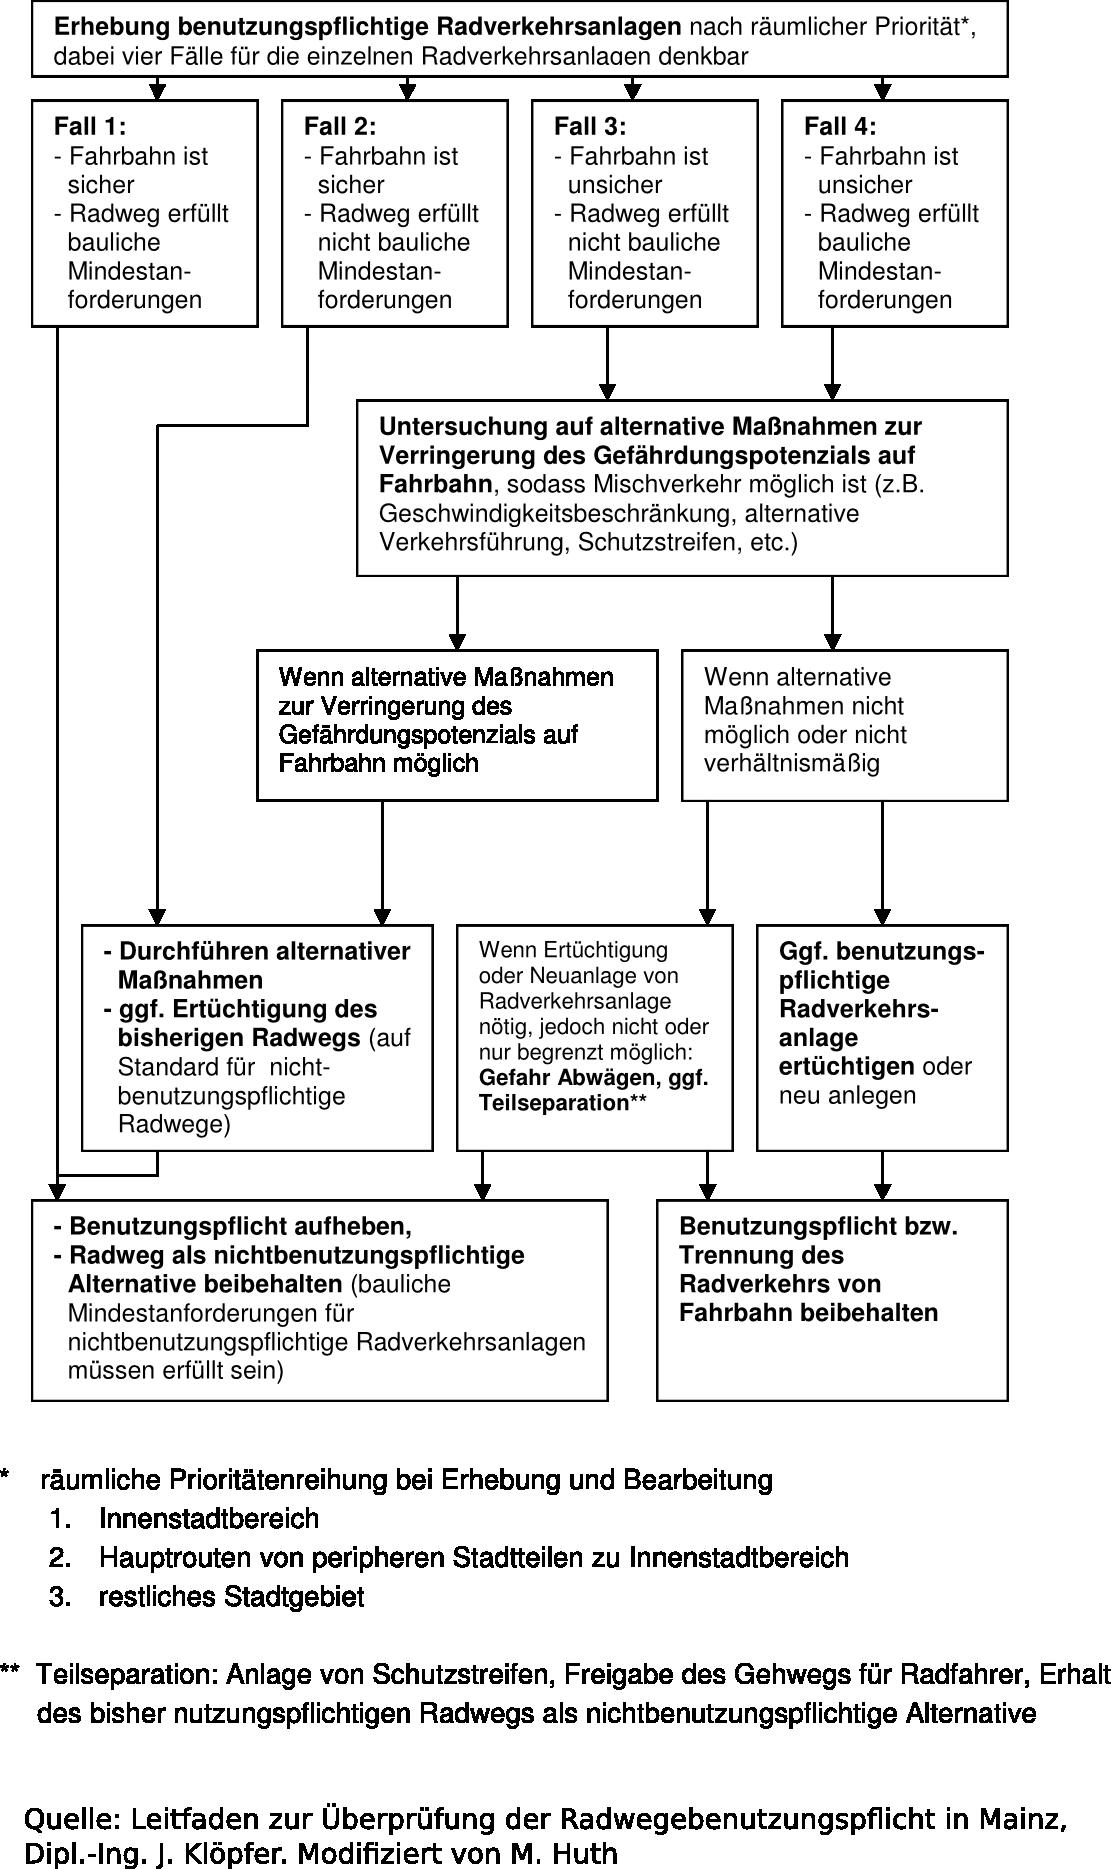 Radwegebenutzungpflicht- Flussdiagramm 2